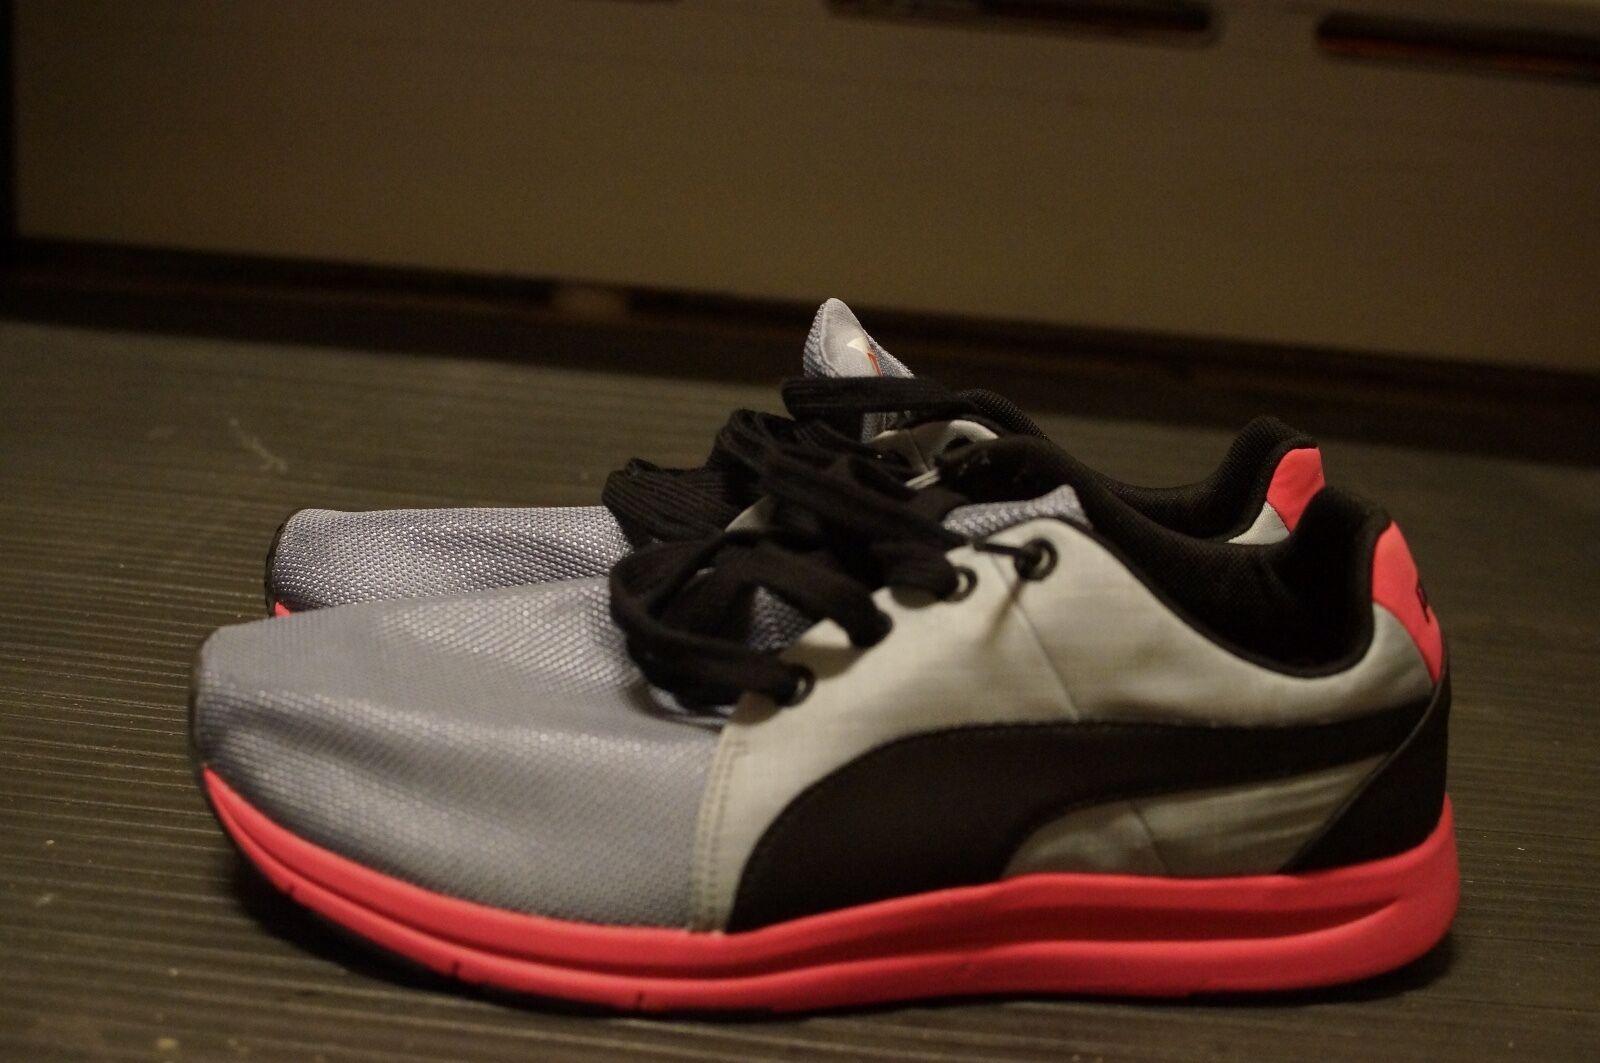 Hombre Puma Haast Lace sport gris negro rosa mujer comodo baratos zapatos de mujer rosa zapatos de mujer 692656